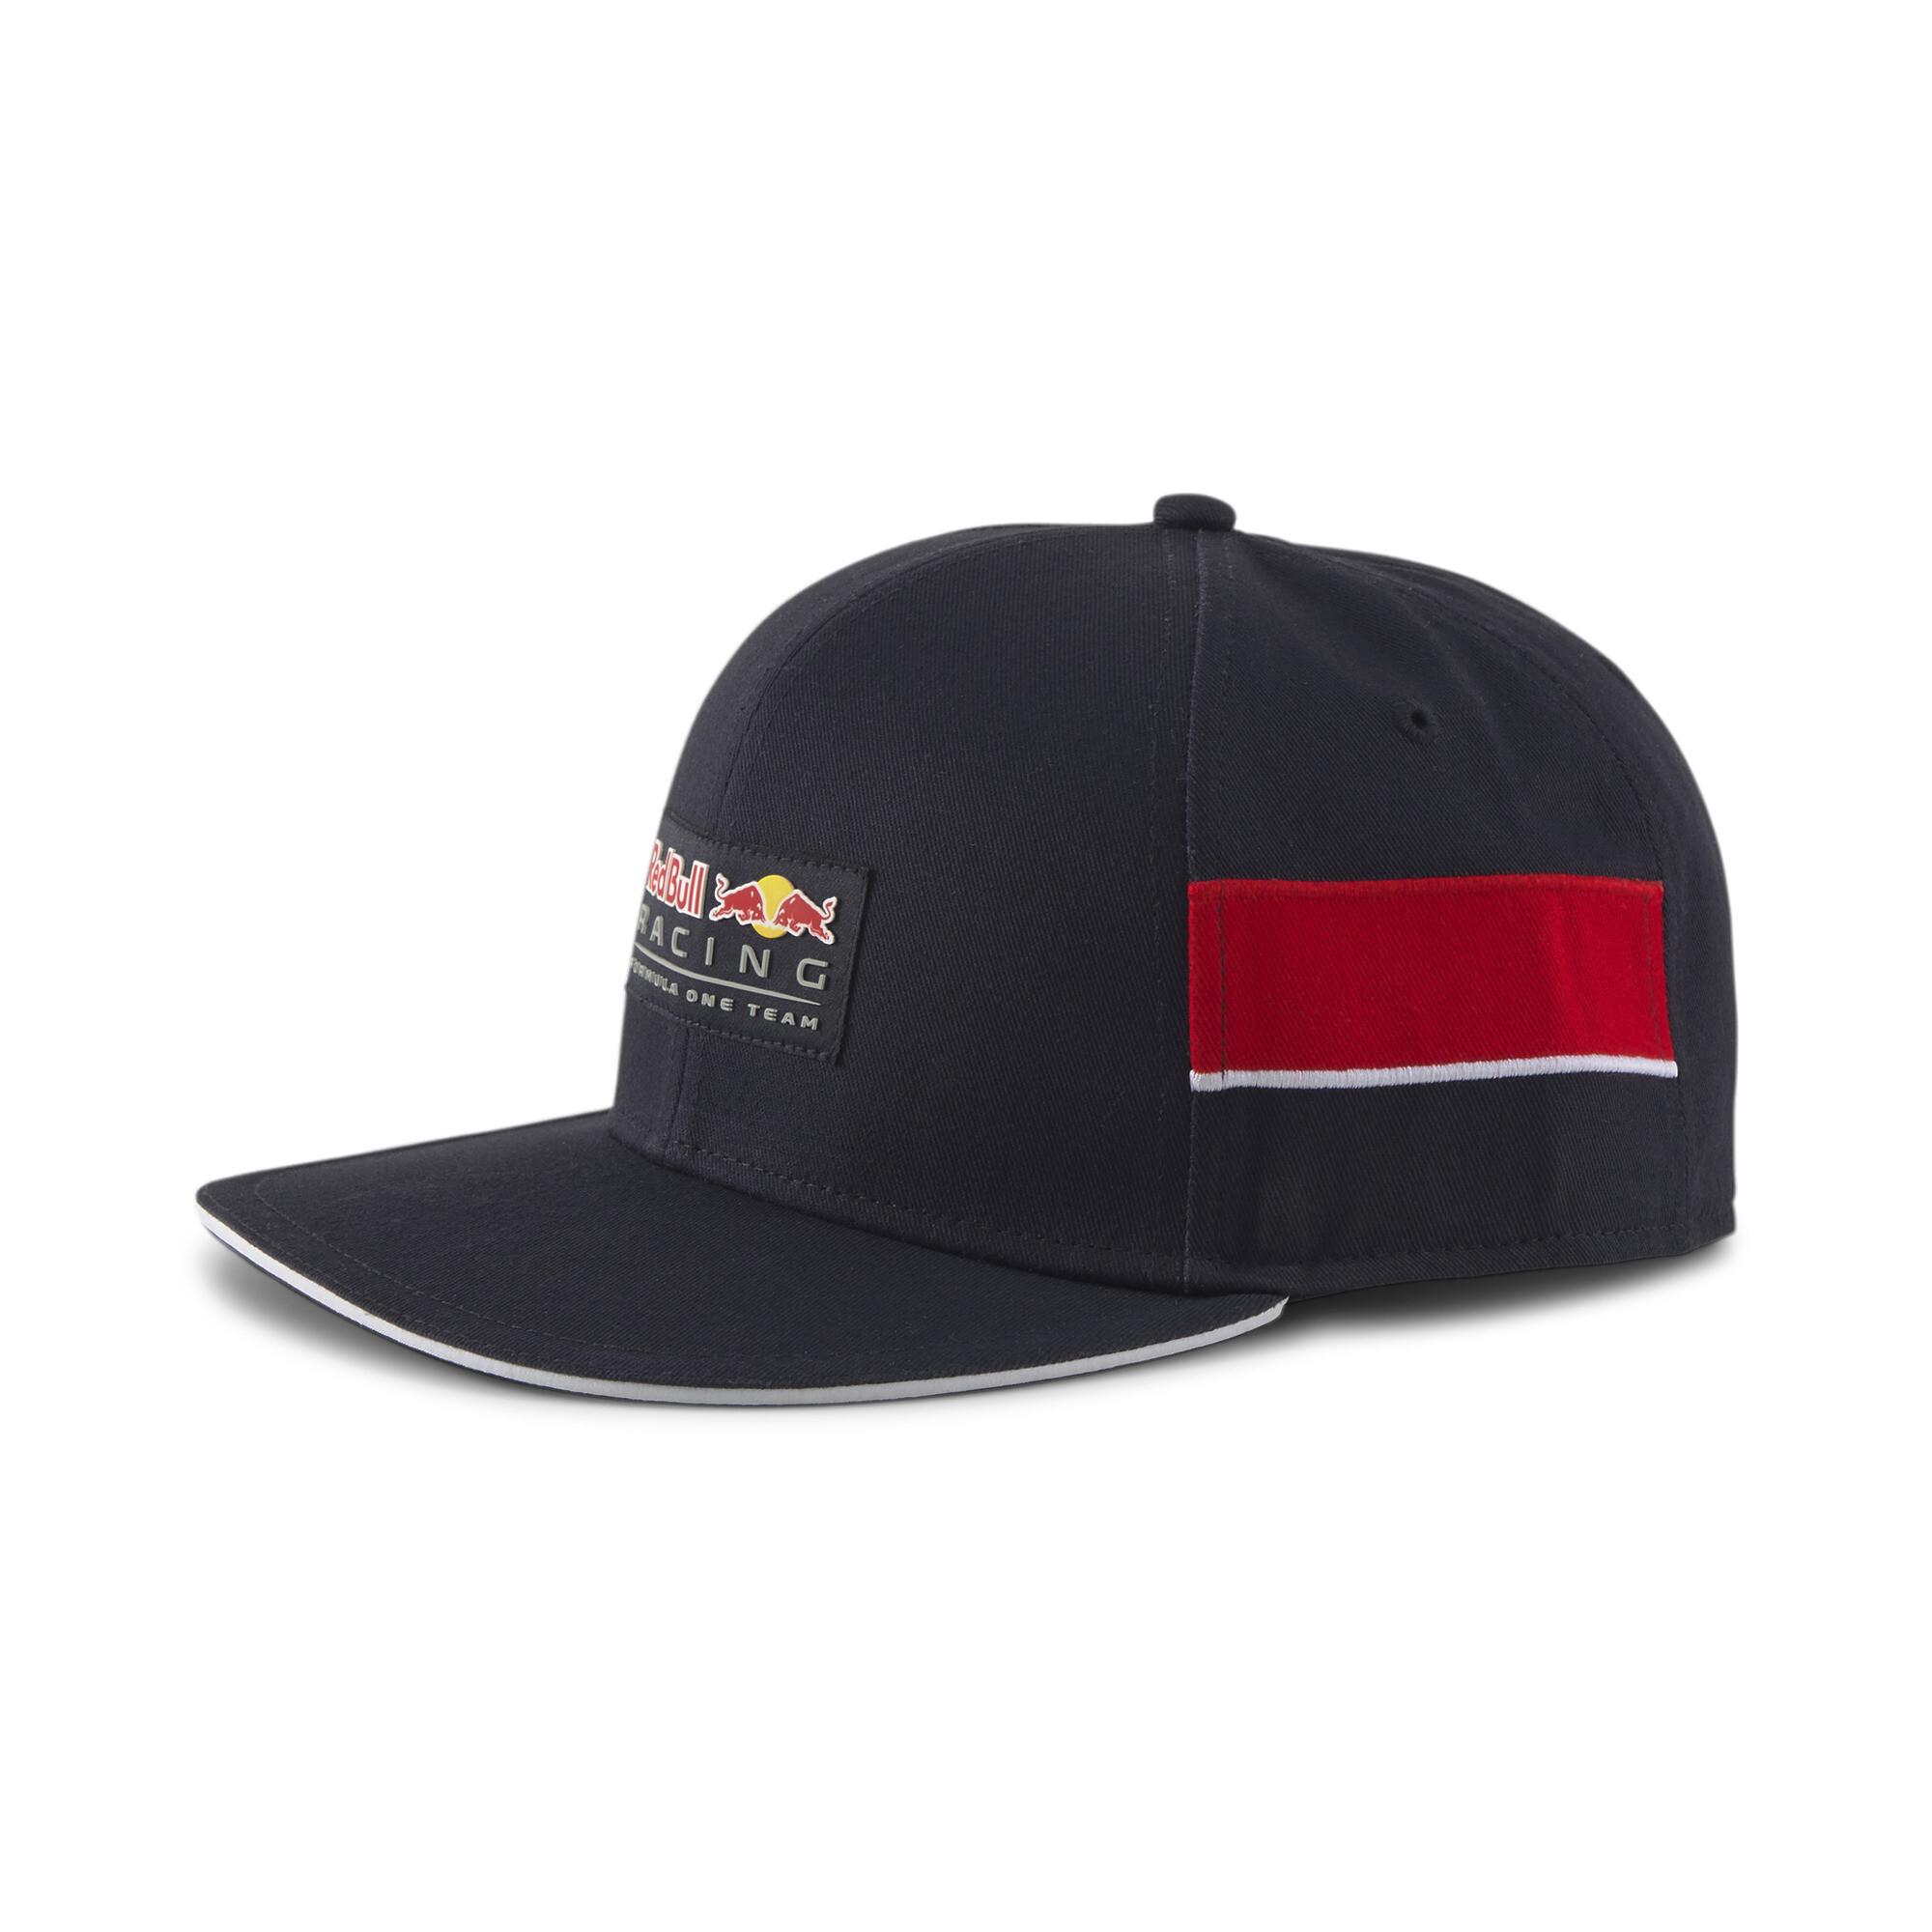 【プーマ公式通販】 プーマ レッドブル RBR LS フラット ブリム キャップ ユニセックス NIGHT SKY |PUMA.com